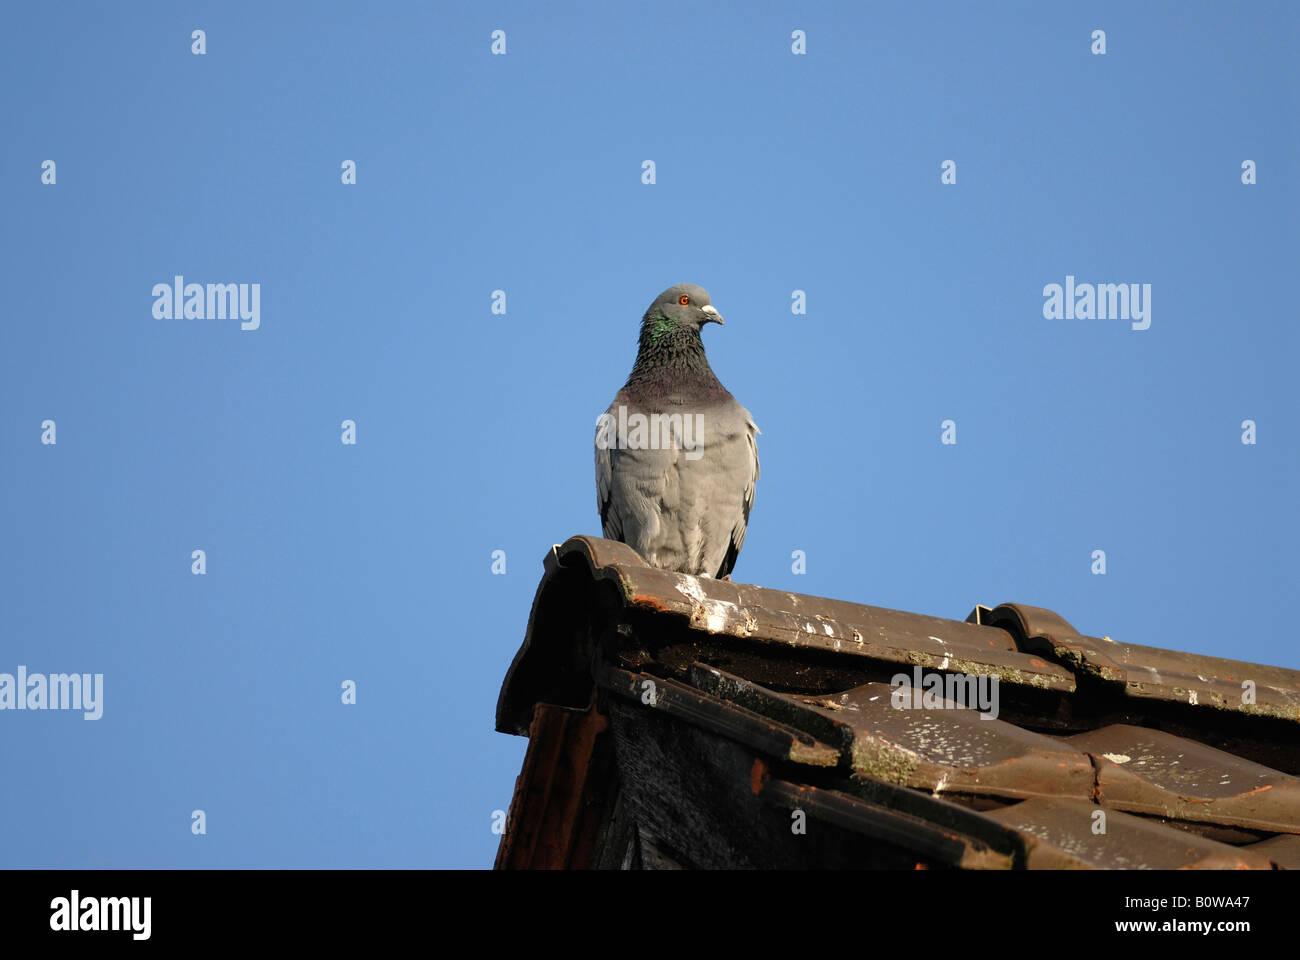 Felsen-Taube oder häusliche Taube (Columba Livia Domestica) thront auf einem Dach Giebel Stockbild